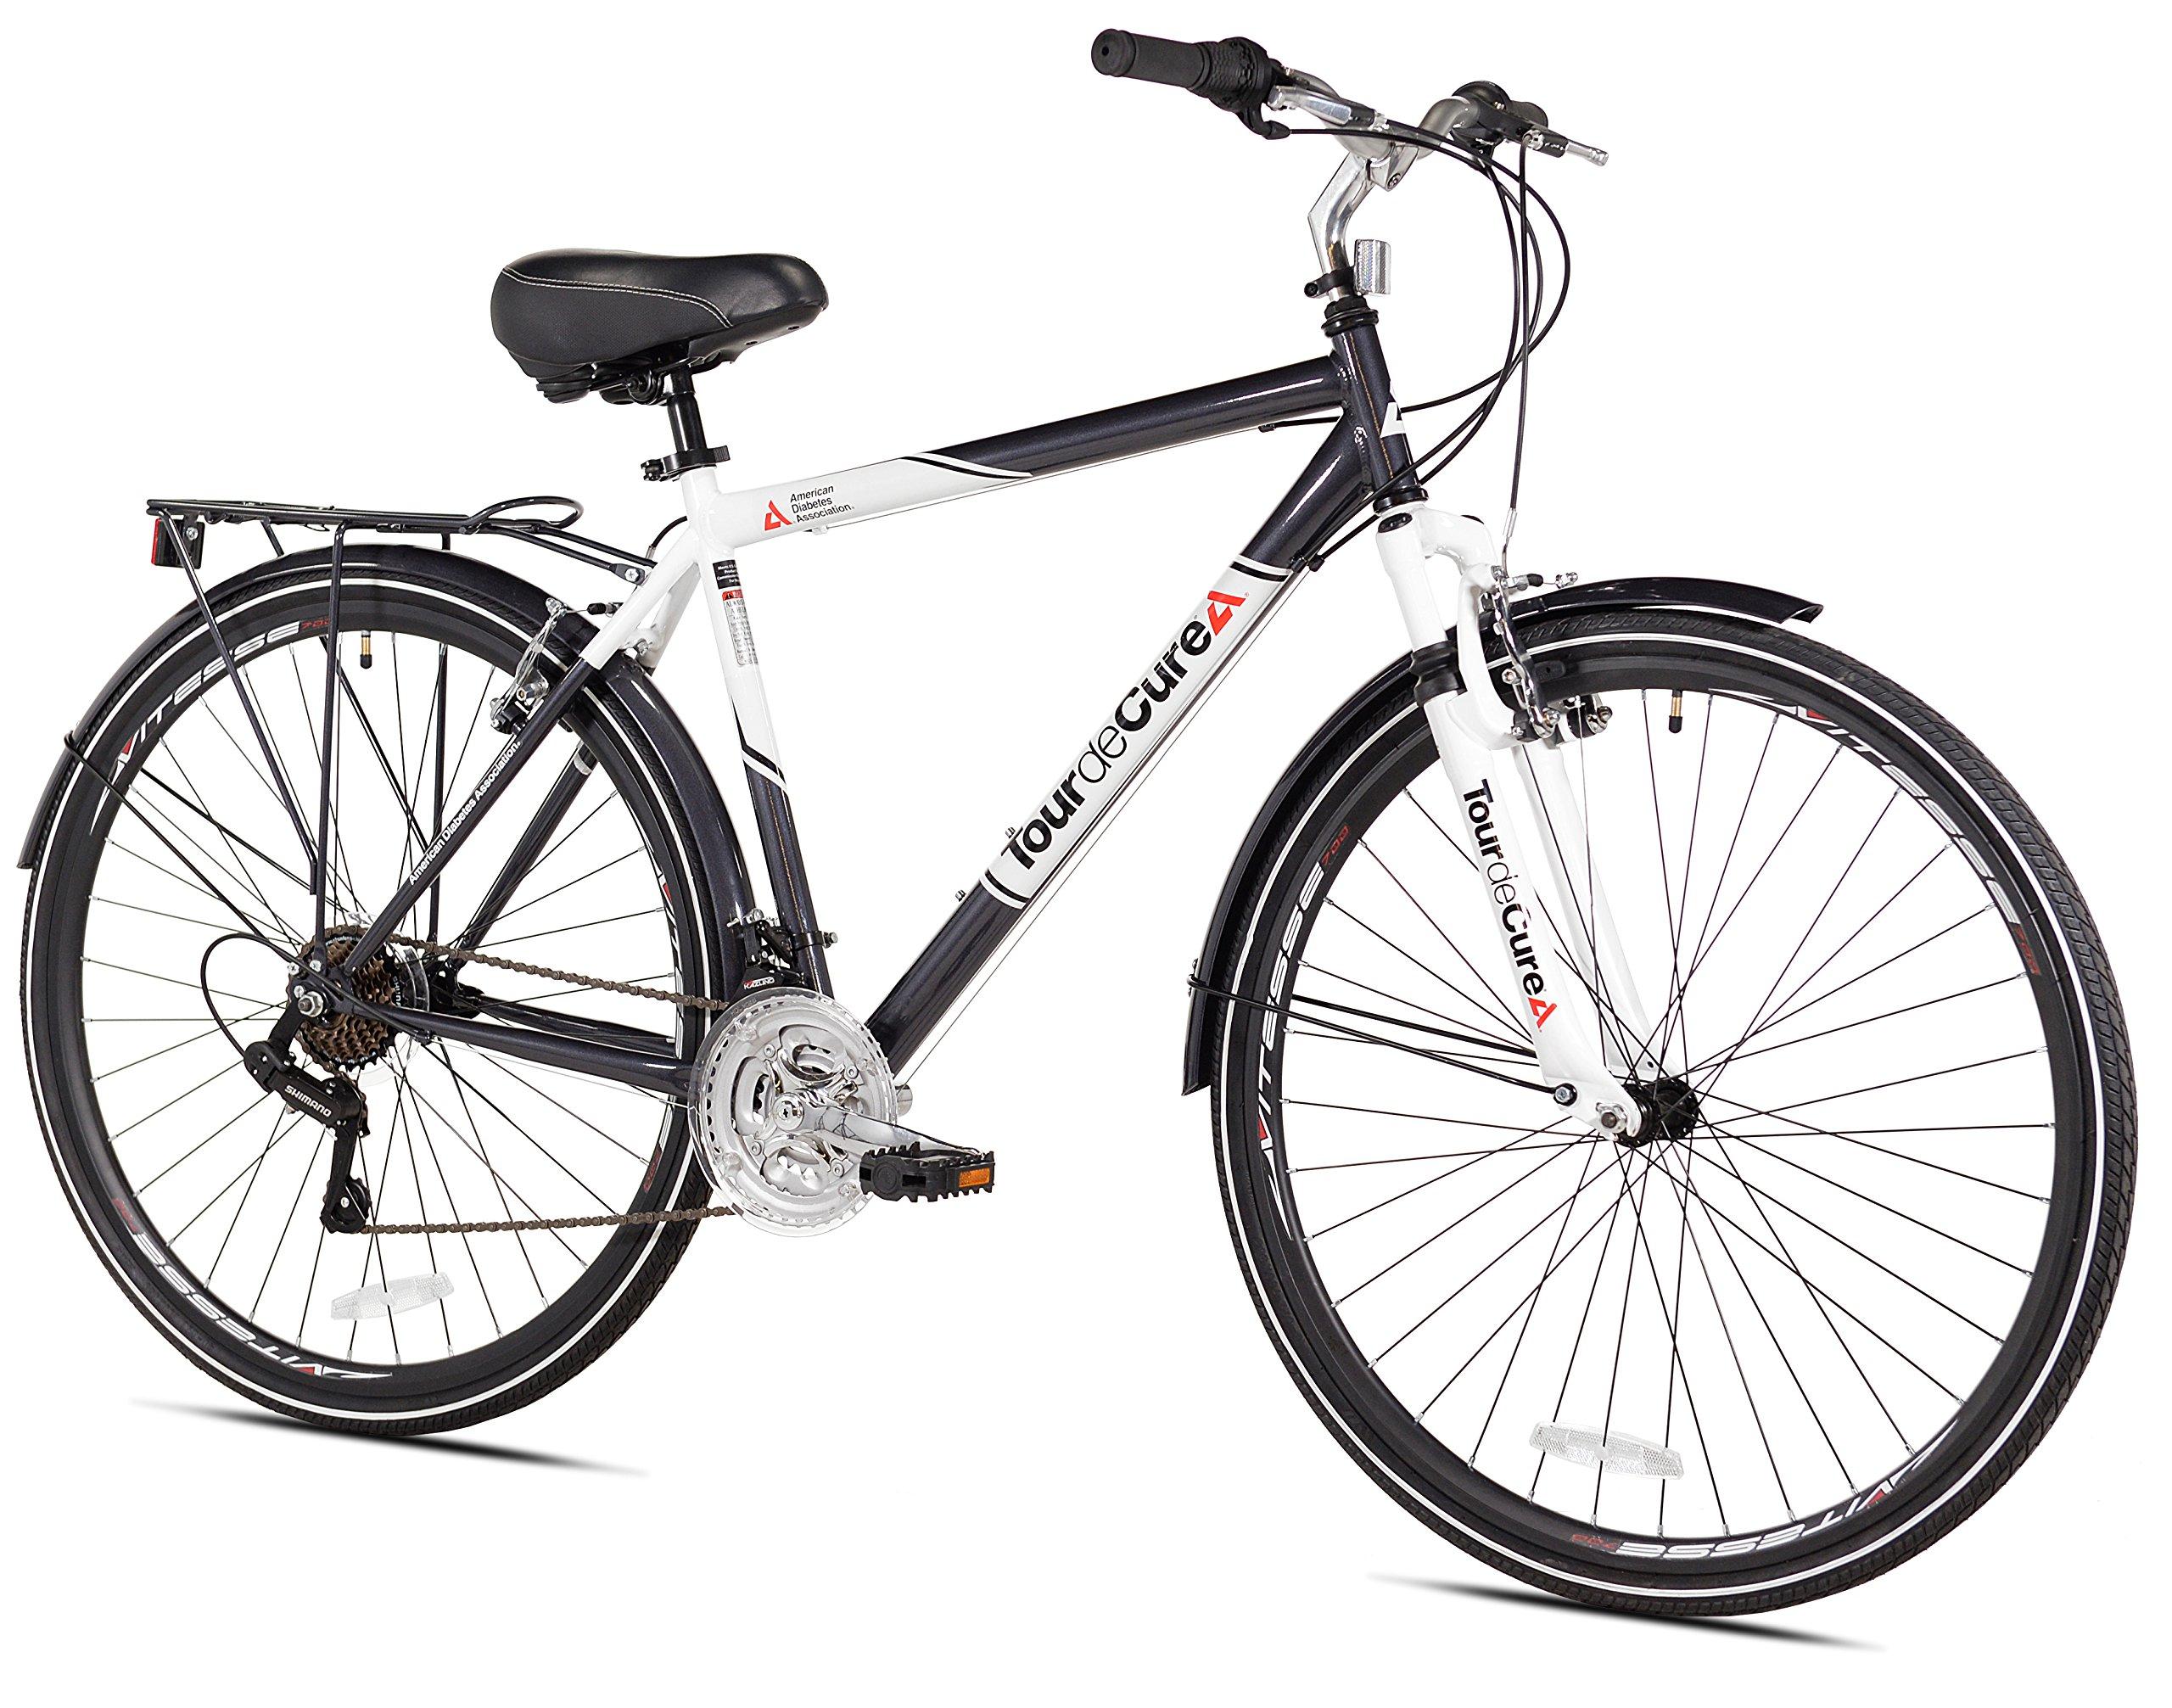 Tour de Cure Men's Hybrid Bike, 700c by Tour de Cure (Image #1)